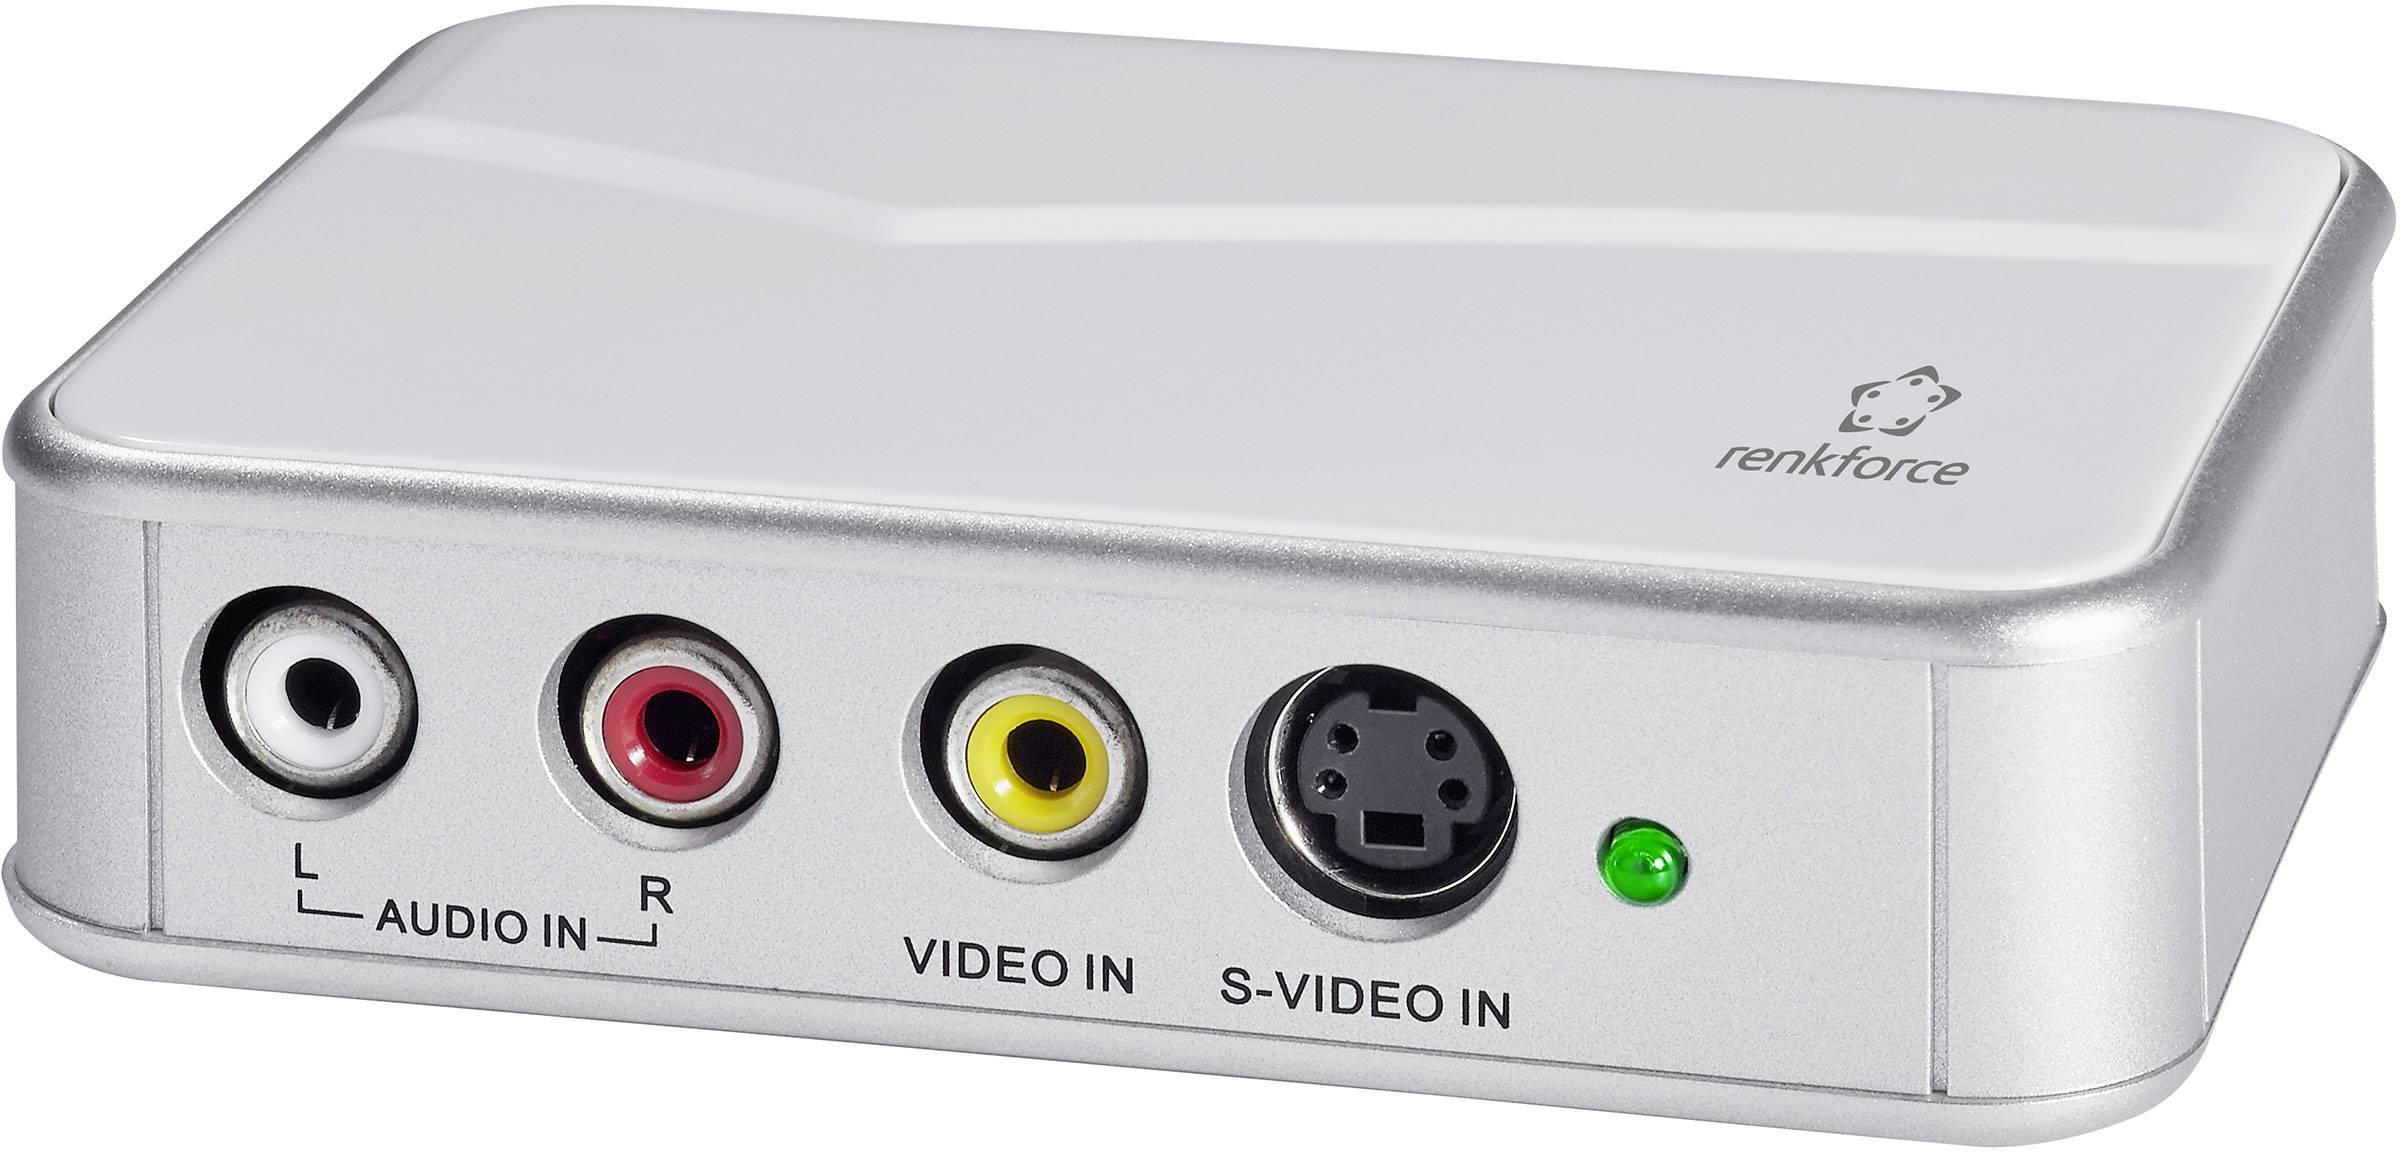 USB převodník videa z analogového do digitálního záznamu, Renkforce GR2 RF-3912696